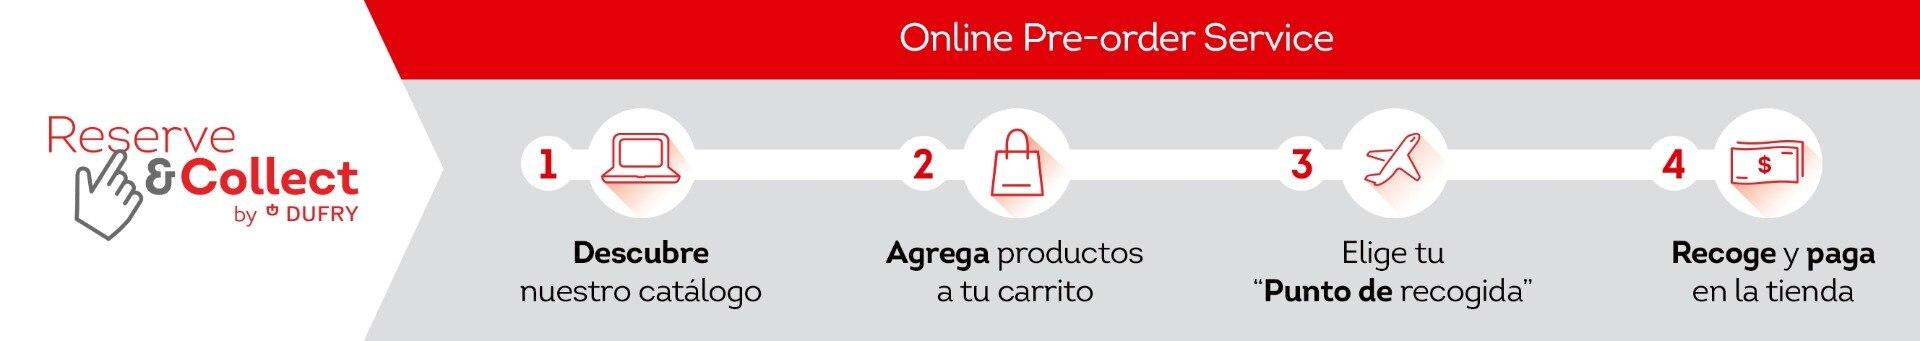 Compra Online en Ciudad de México (Benito Juárez) Duty Free